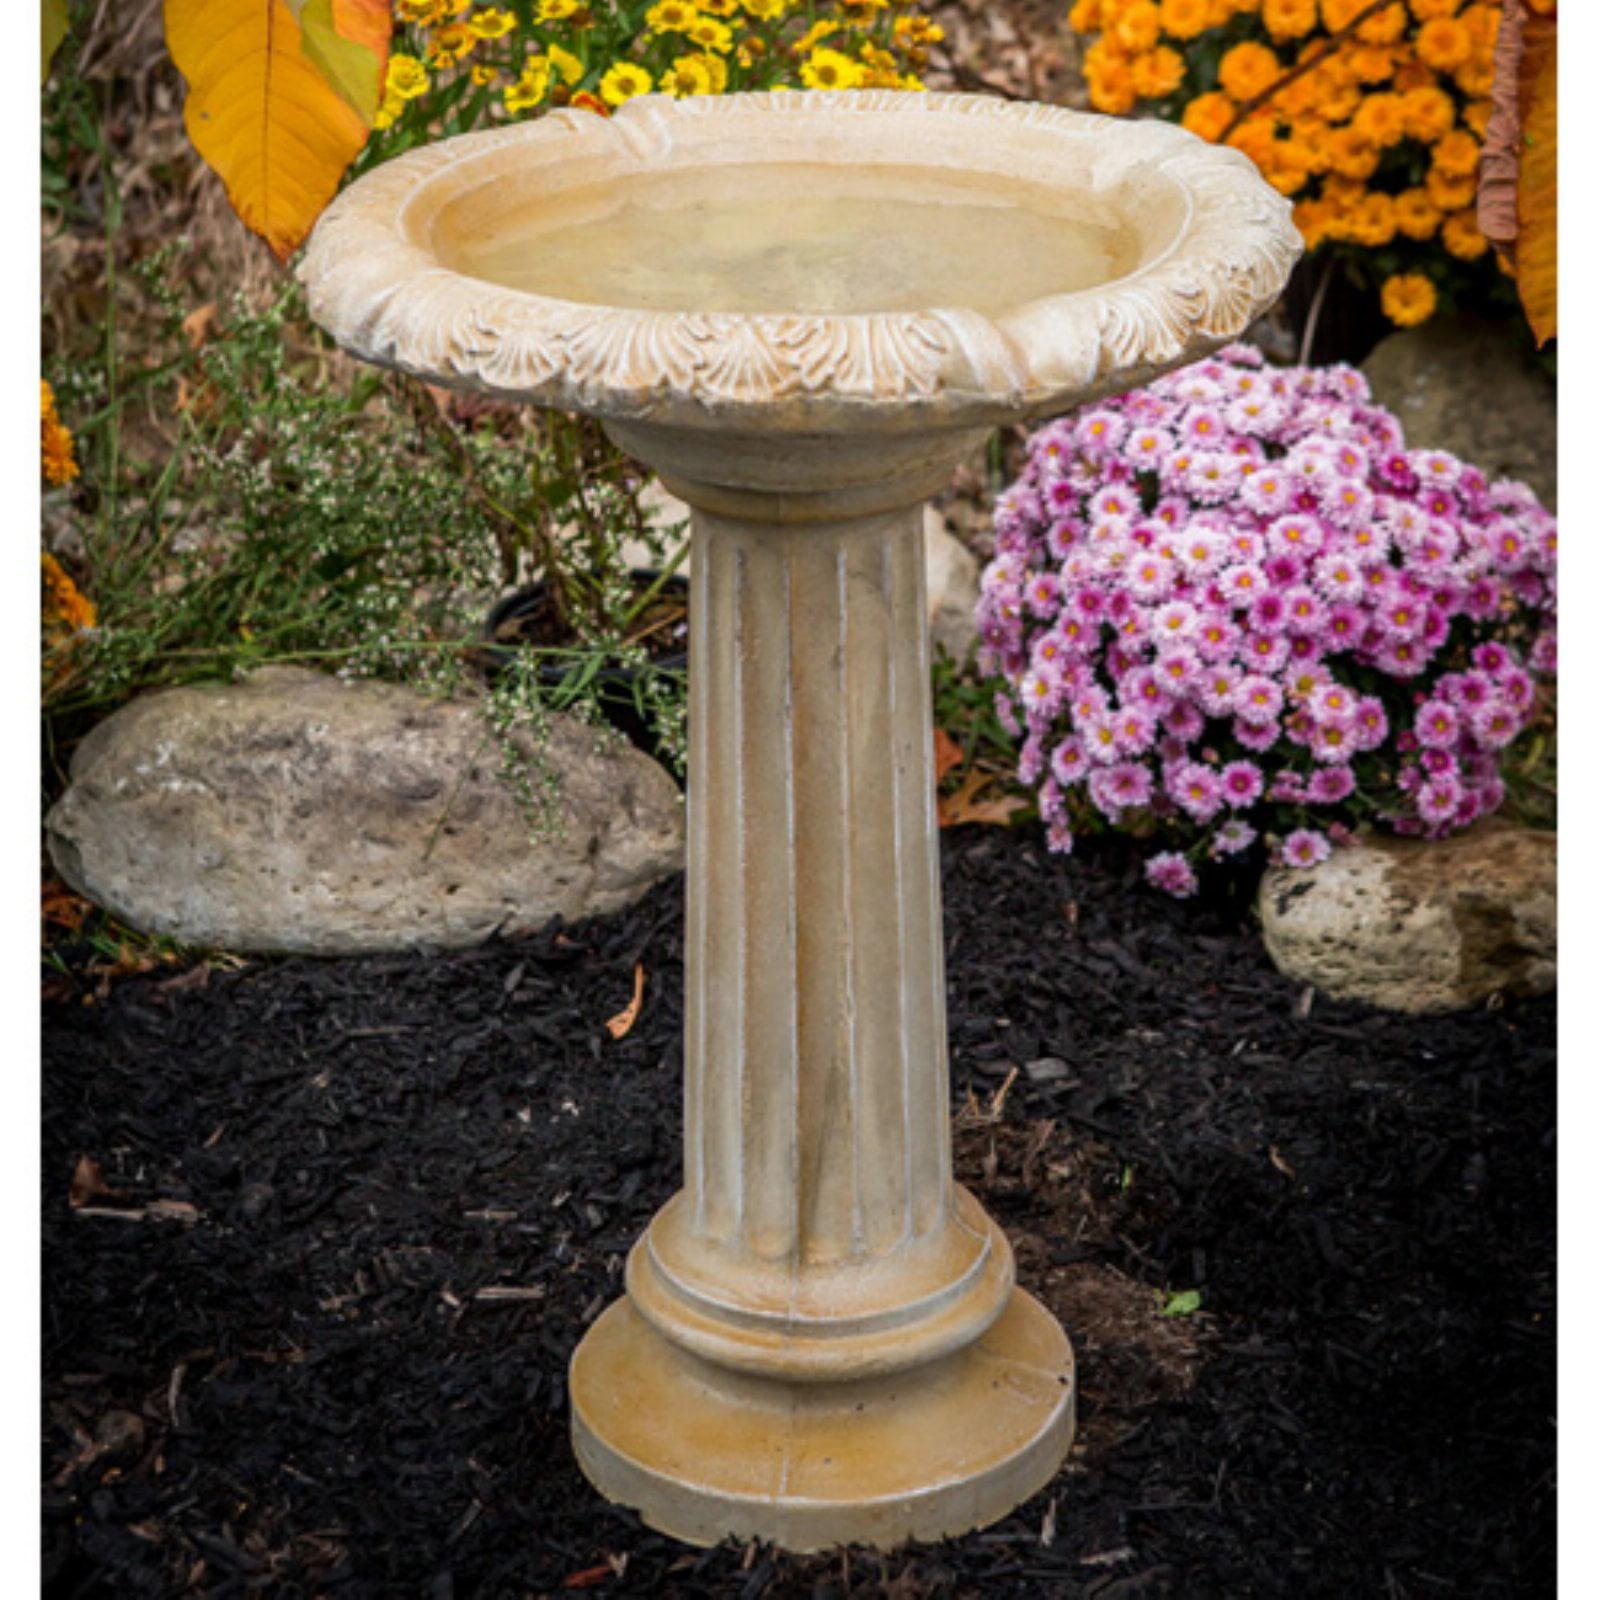 Athena Garden Cast Stone Fancy Column Birdbath by Athena Garden Inc